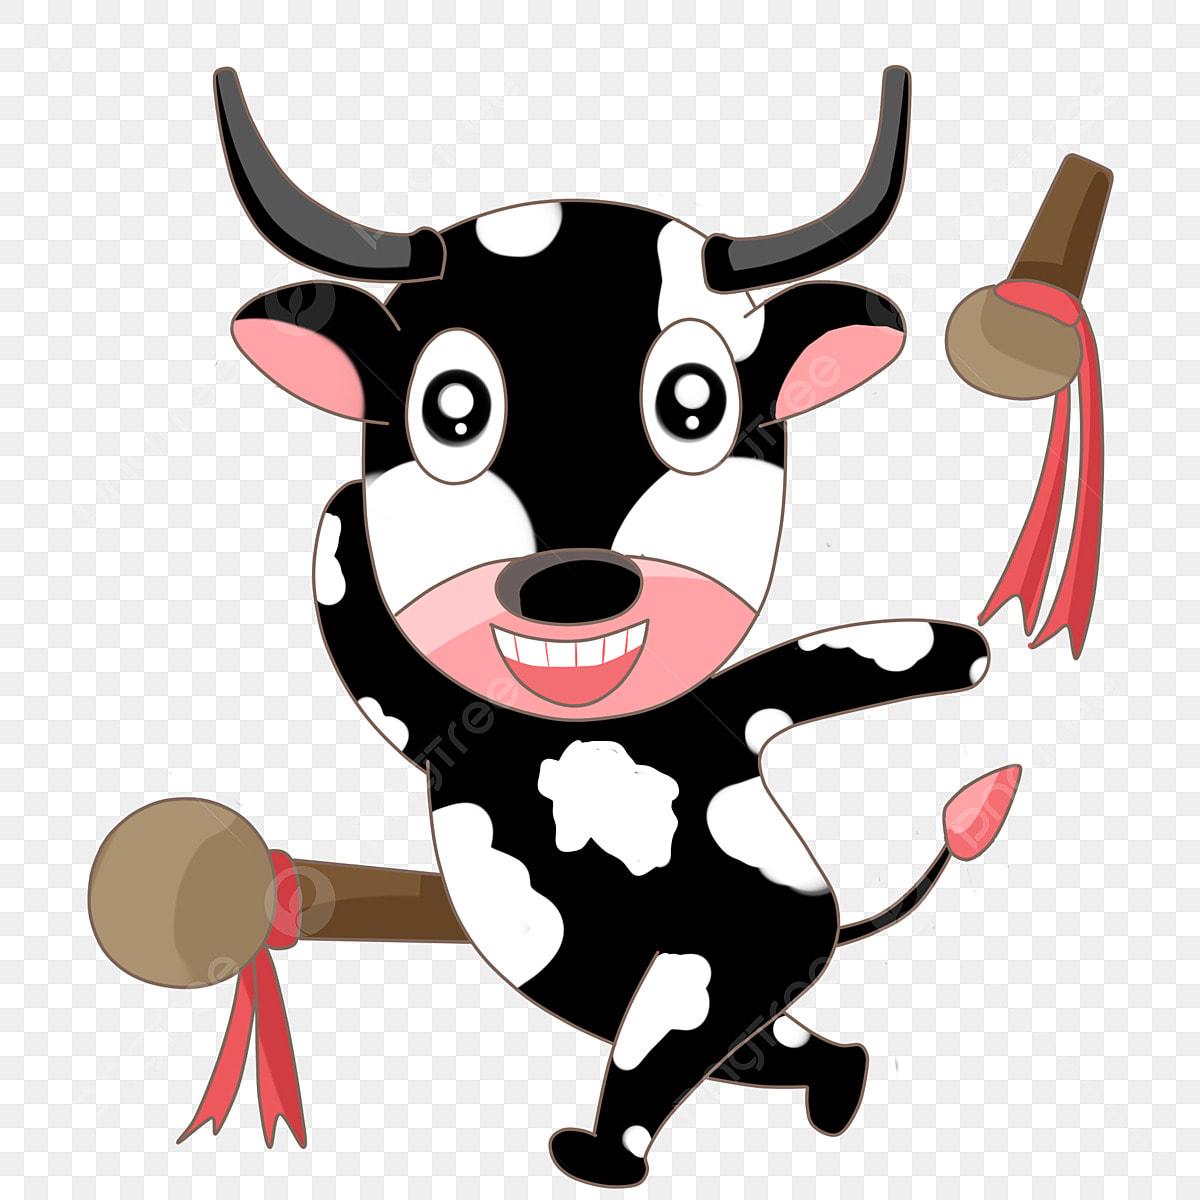 Gambar Kartun Lembu Warna Hitam Dan Putih Sapi Duduk Png Dan Psd Untuk Muat Turun Percuma